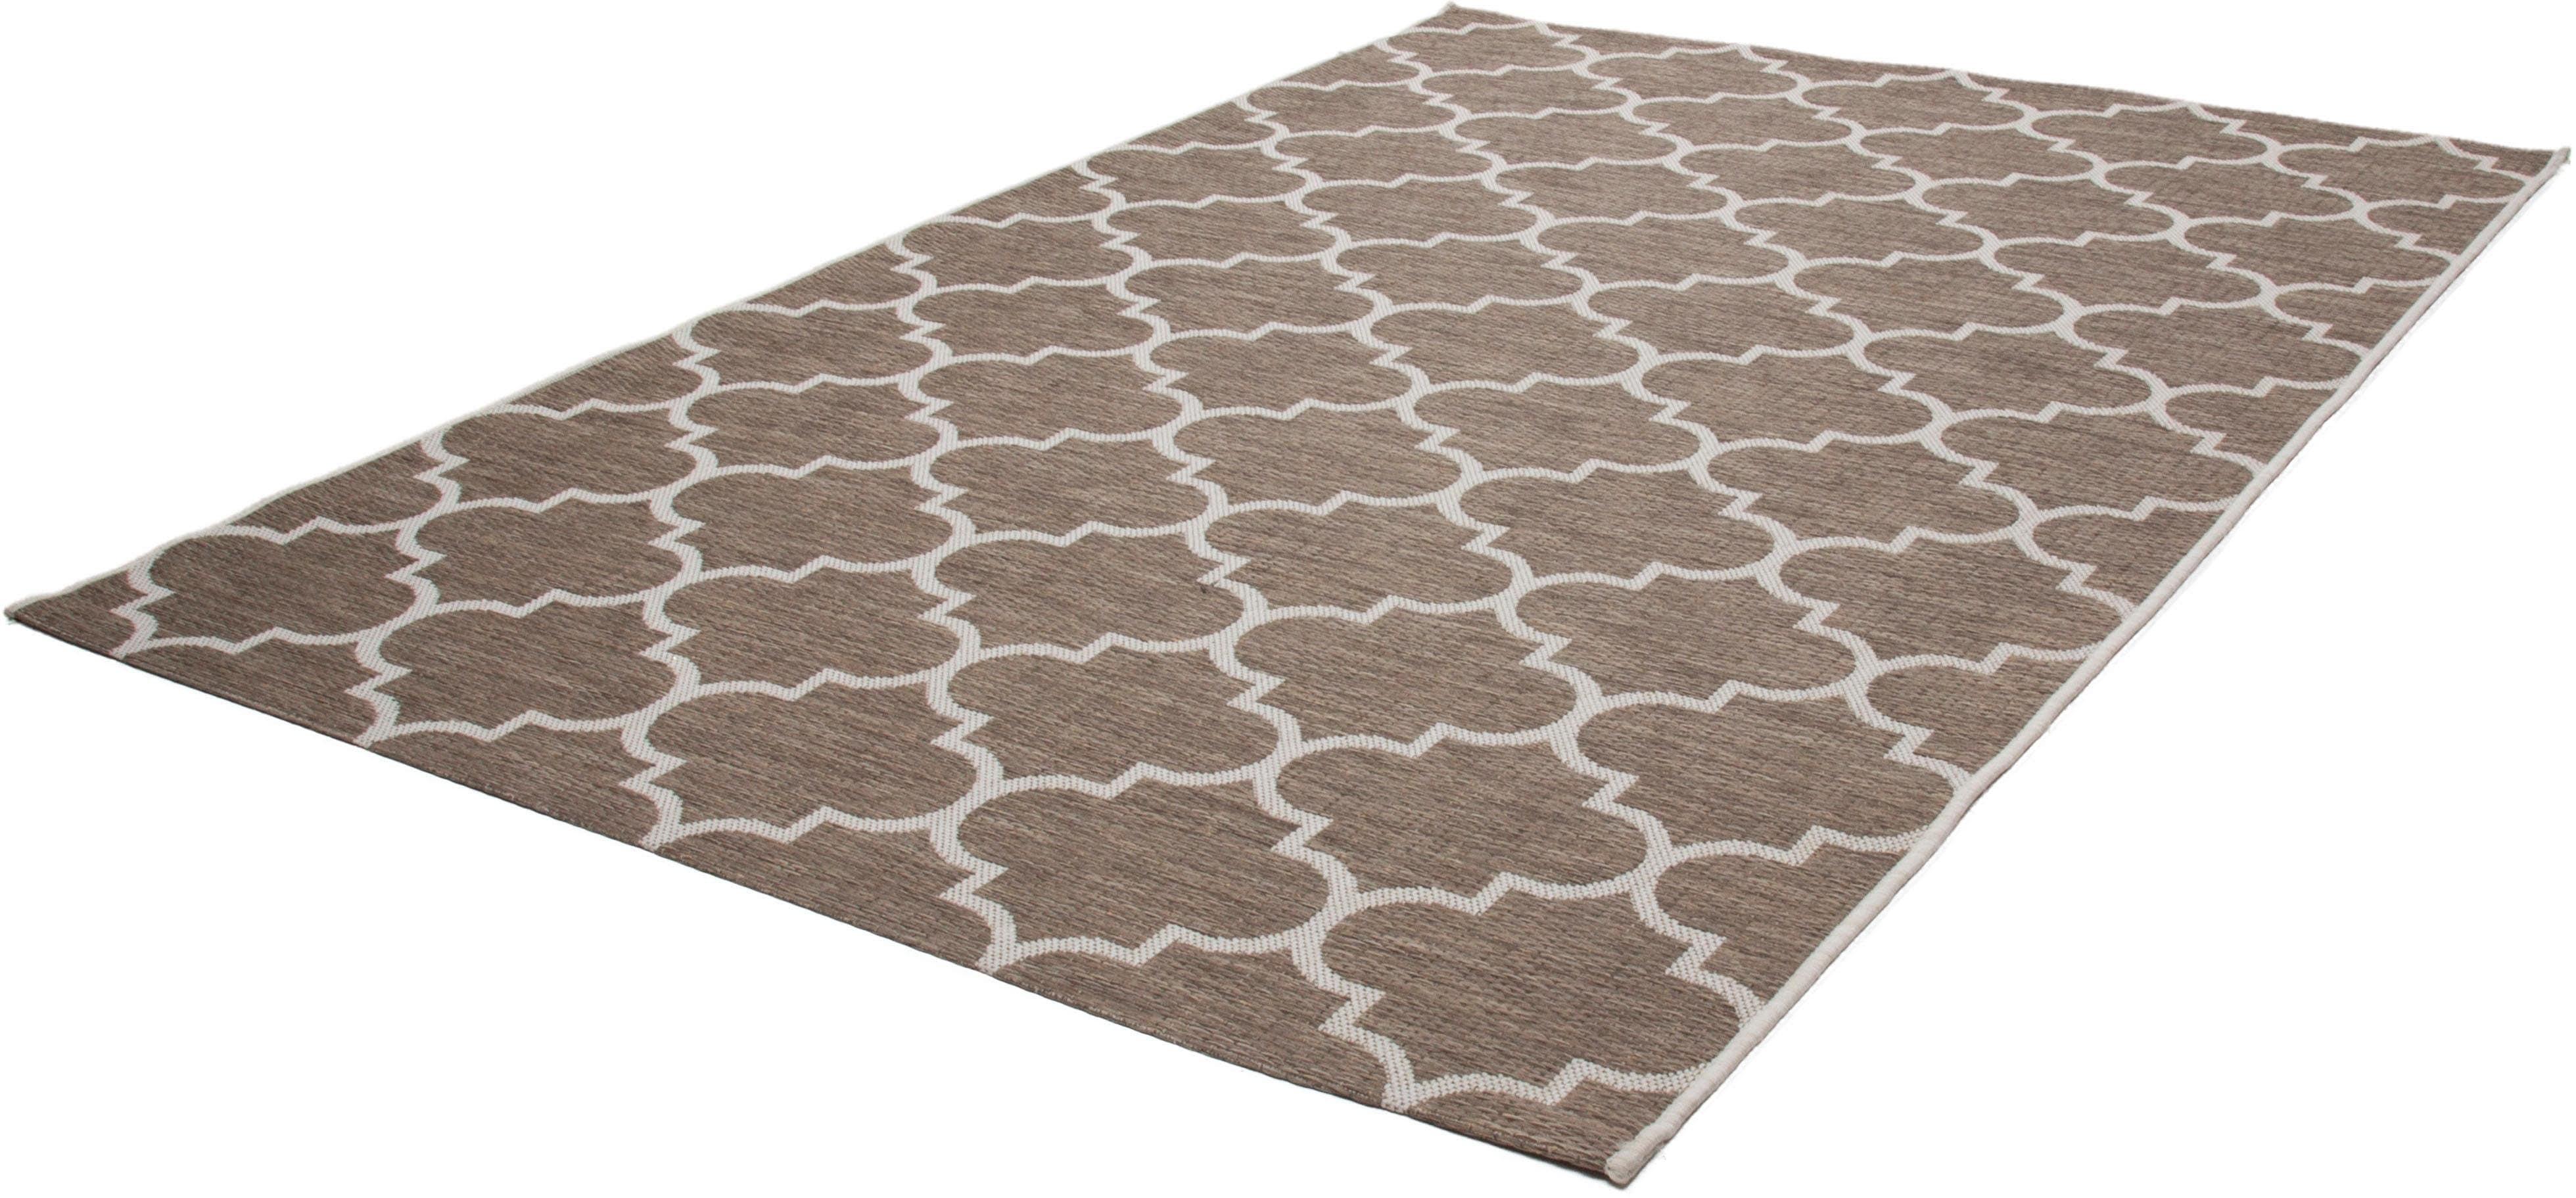 Teppich Perugia 1030 calo-deluxe rechteckig Höhe 7 mm maschinell gewebt